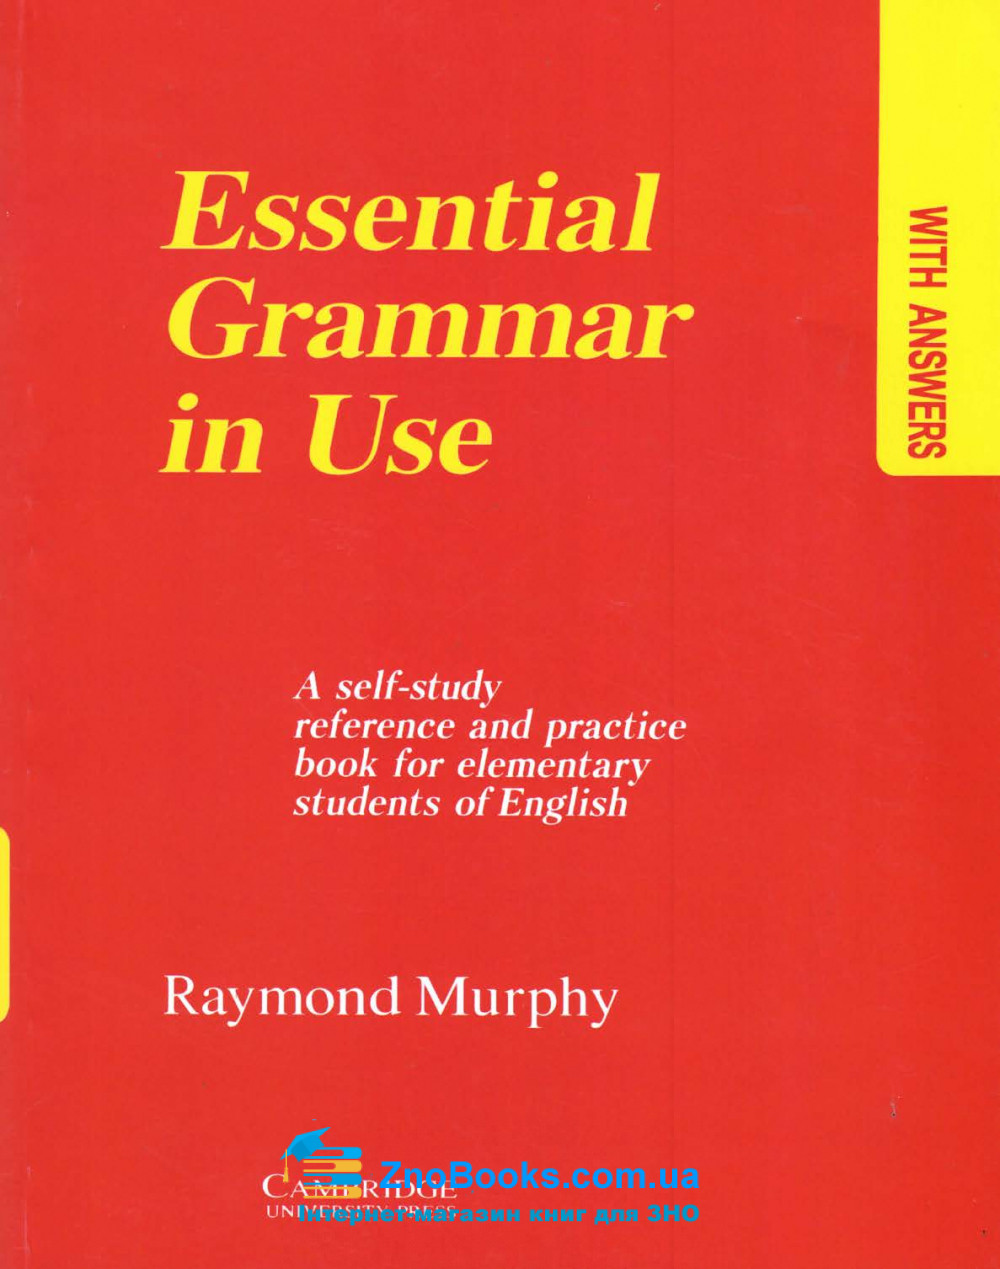 Essential Gгаmmаг іn Usе. Граматика англійської мови для початківців : Murphy Raymond CAMBRIDGE UNIVERSITY PRESS купити 0